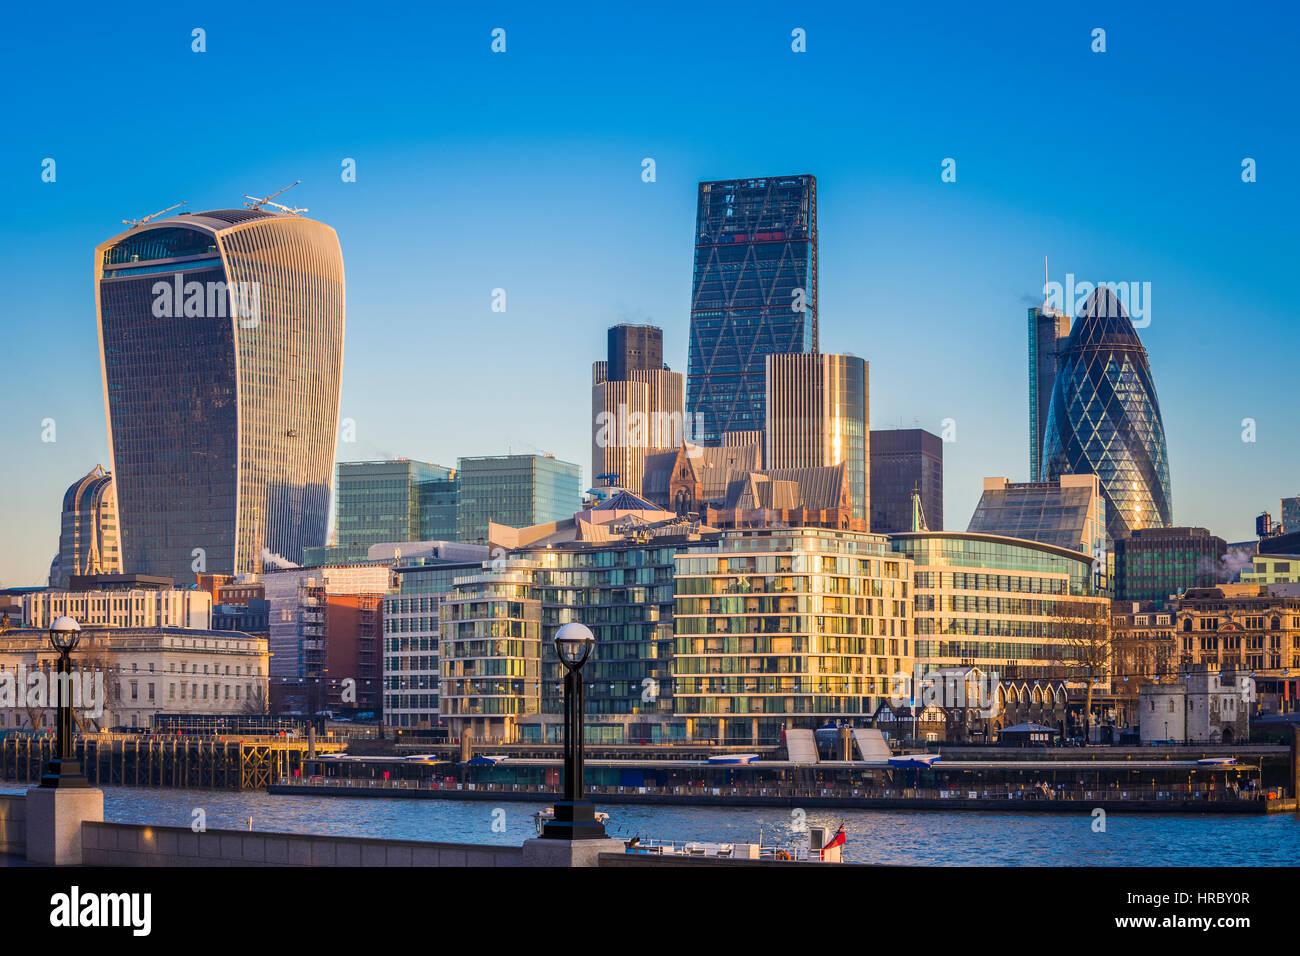 London, Regno Unito - il famoso quartiere degli affari di Londra con grattacieli e cielo blu chiaro di sunrise Immagini Stock